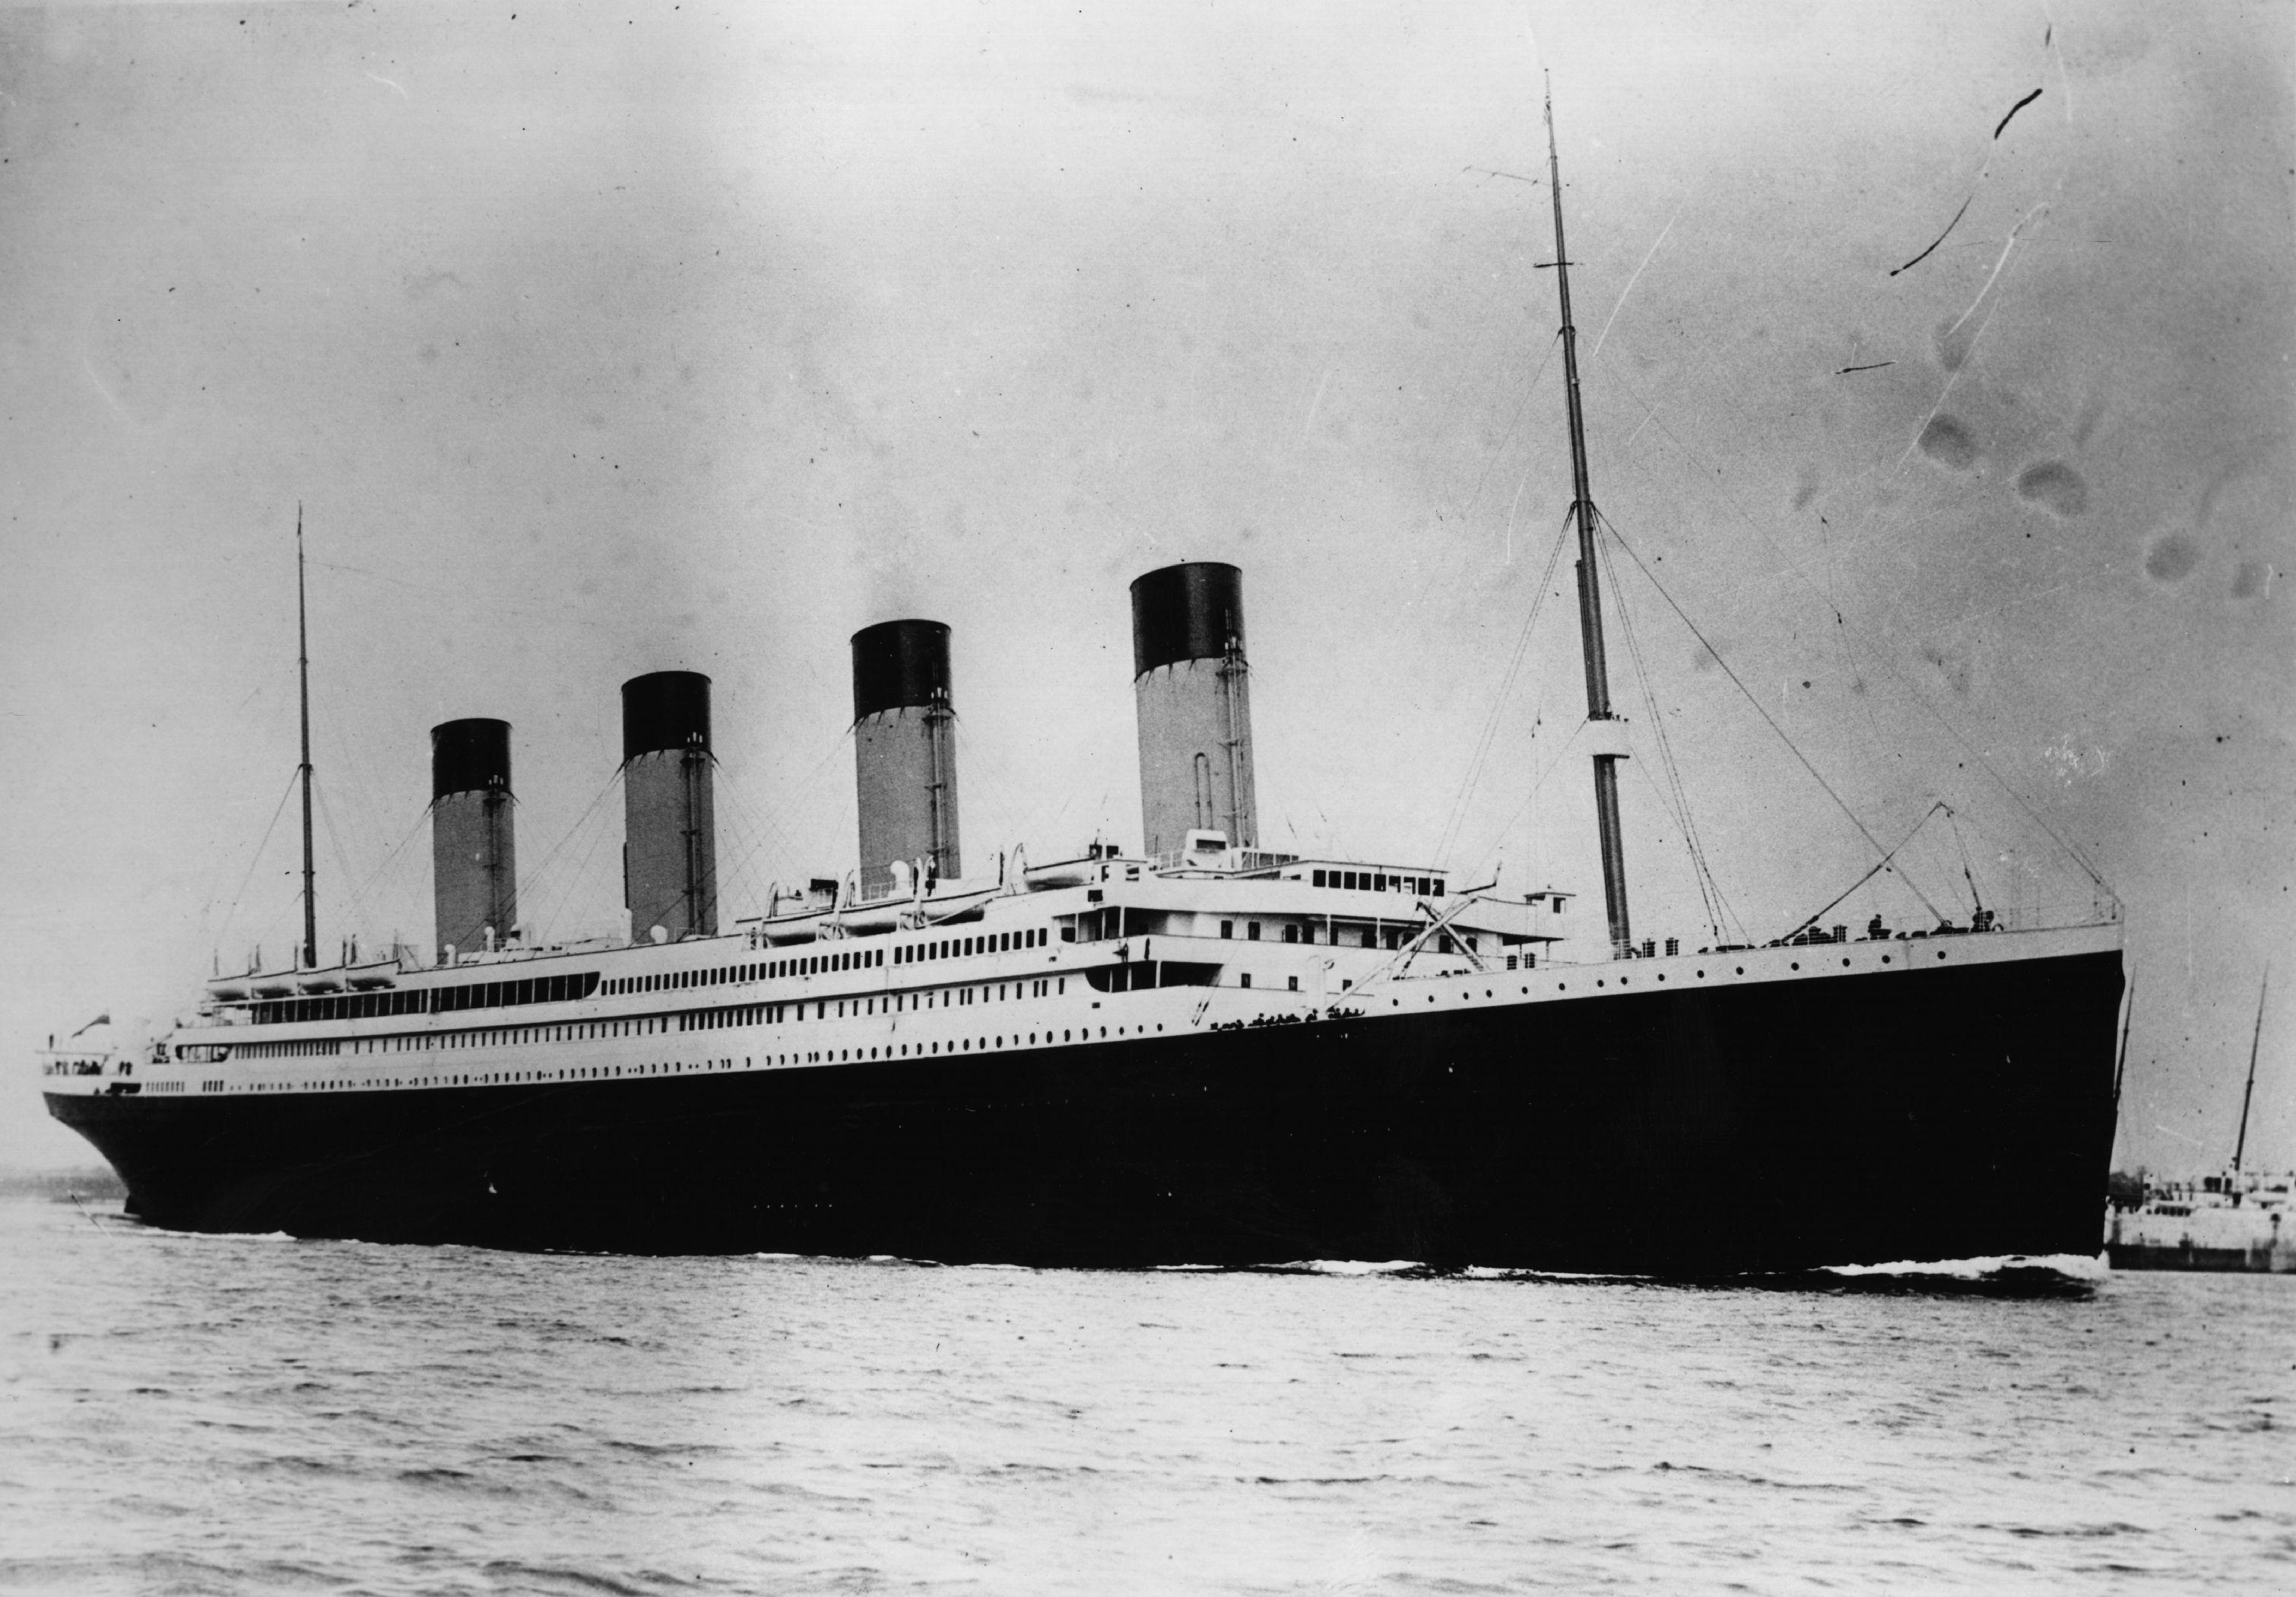 En Savoir Plus Sur Le Titanic Avec Des Feuilles De Travail Imprimables Et Des Pages A Colorier